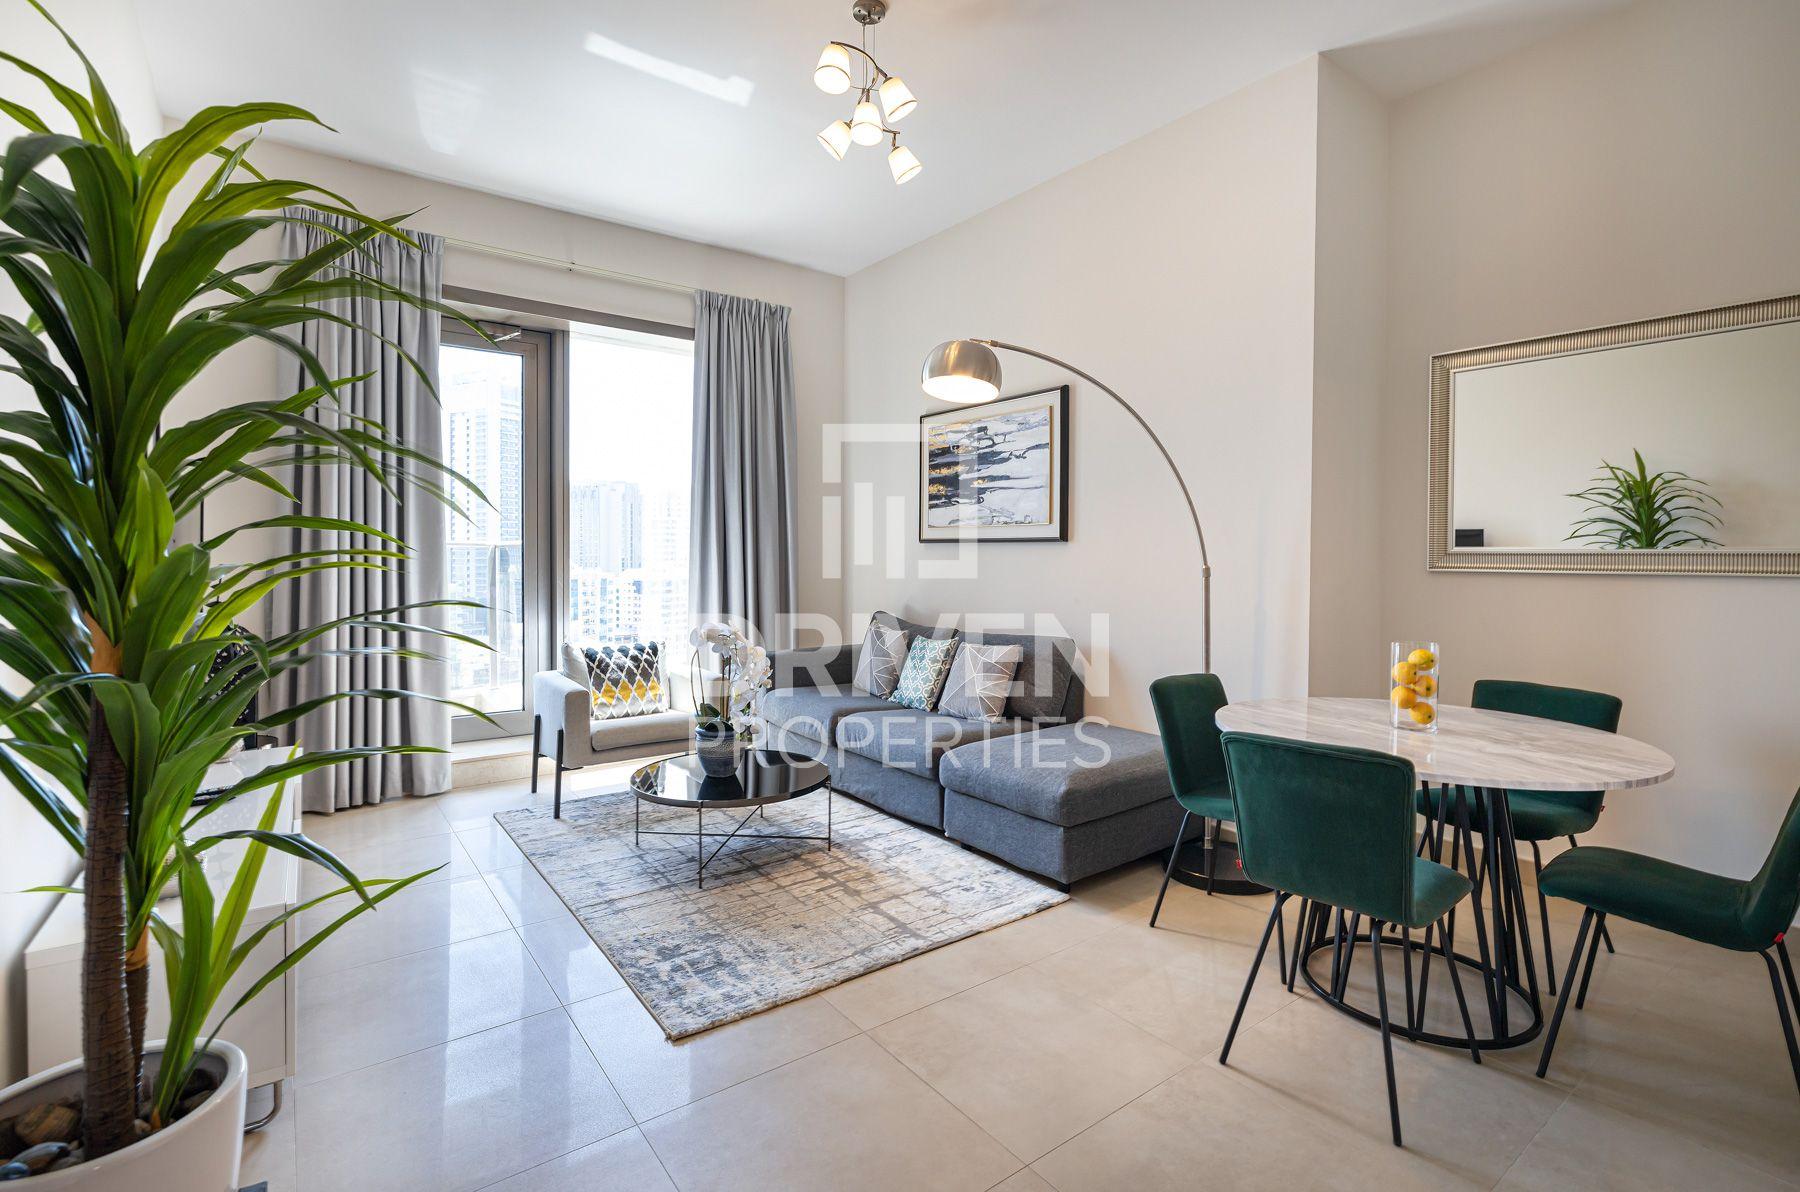 864 قدم مربع  شقة - للايجار - دبي مارينا